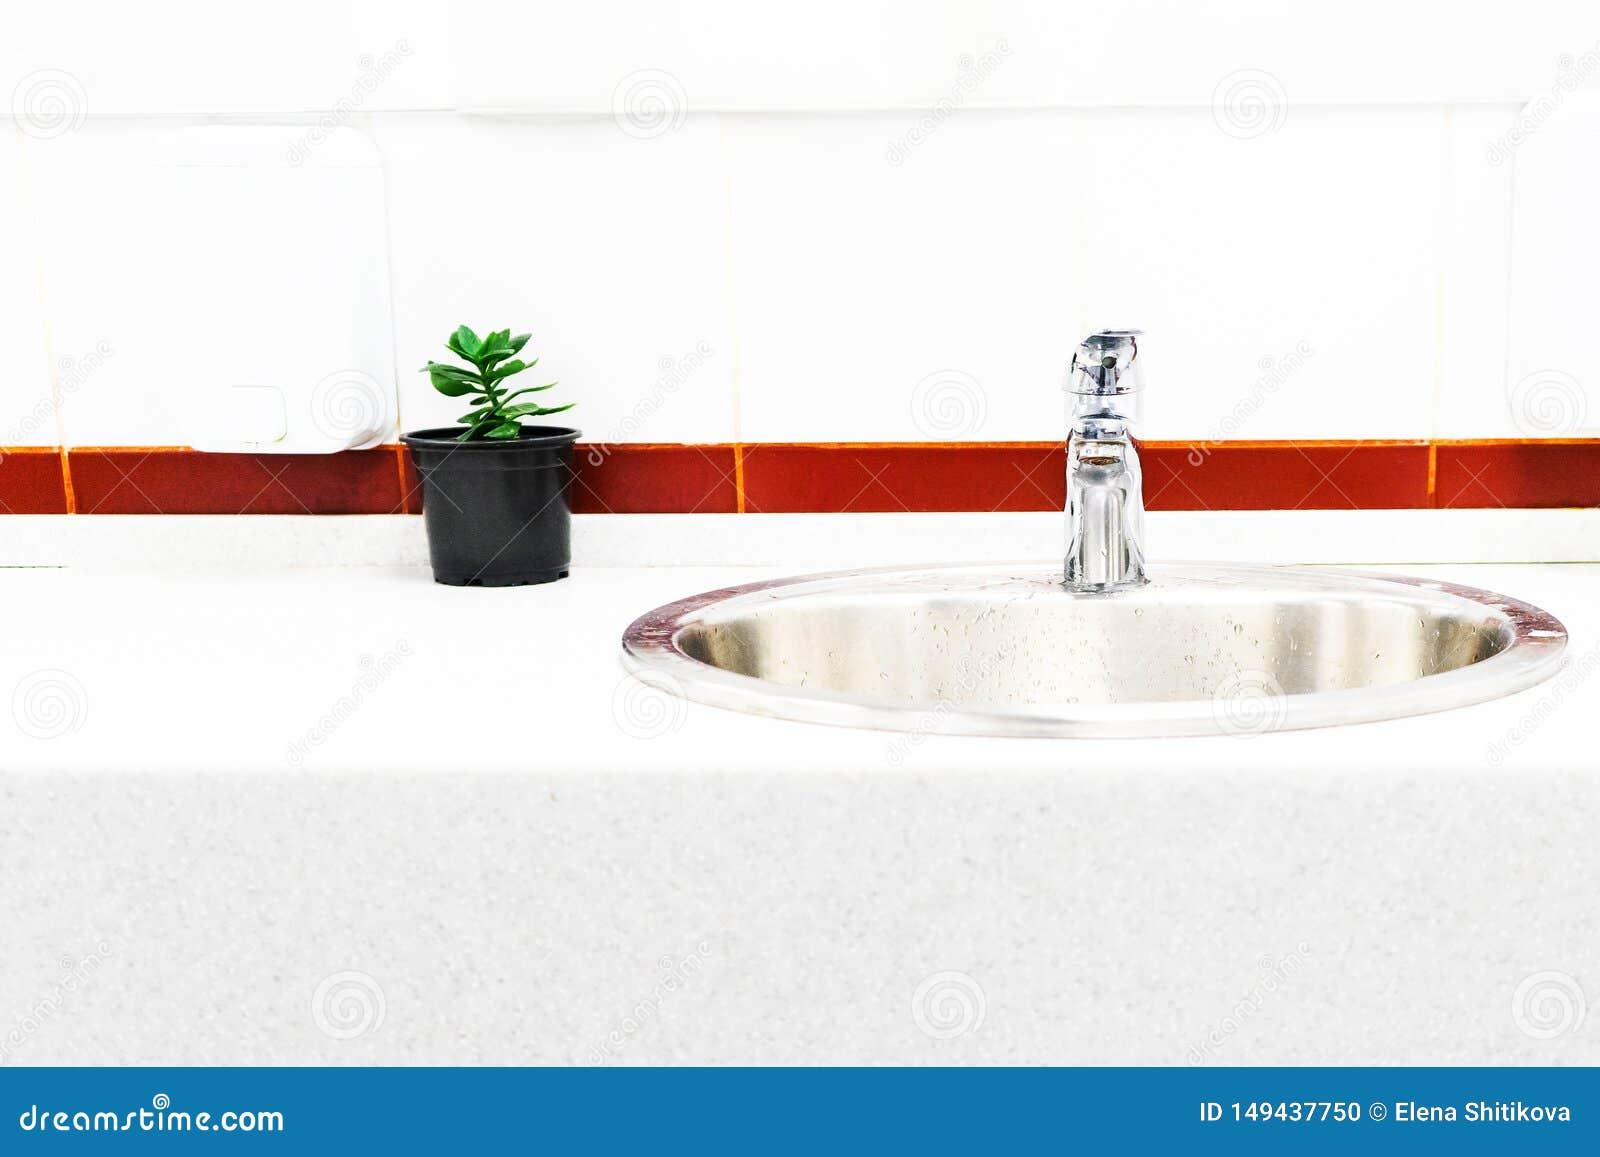 O dissipador no banheiro no fundo de telhas brilhantes com uma listra brilhante, o projeto de uma flor em um potenciômetro